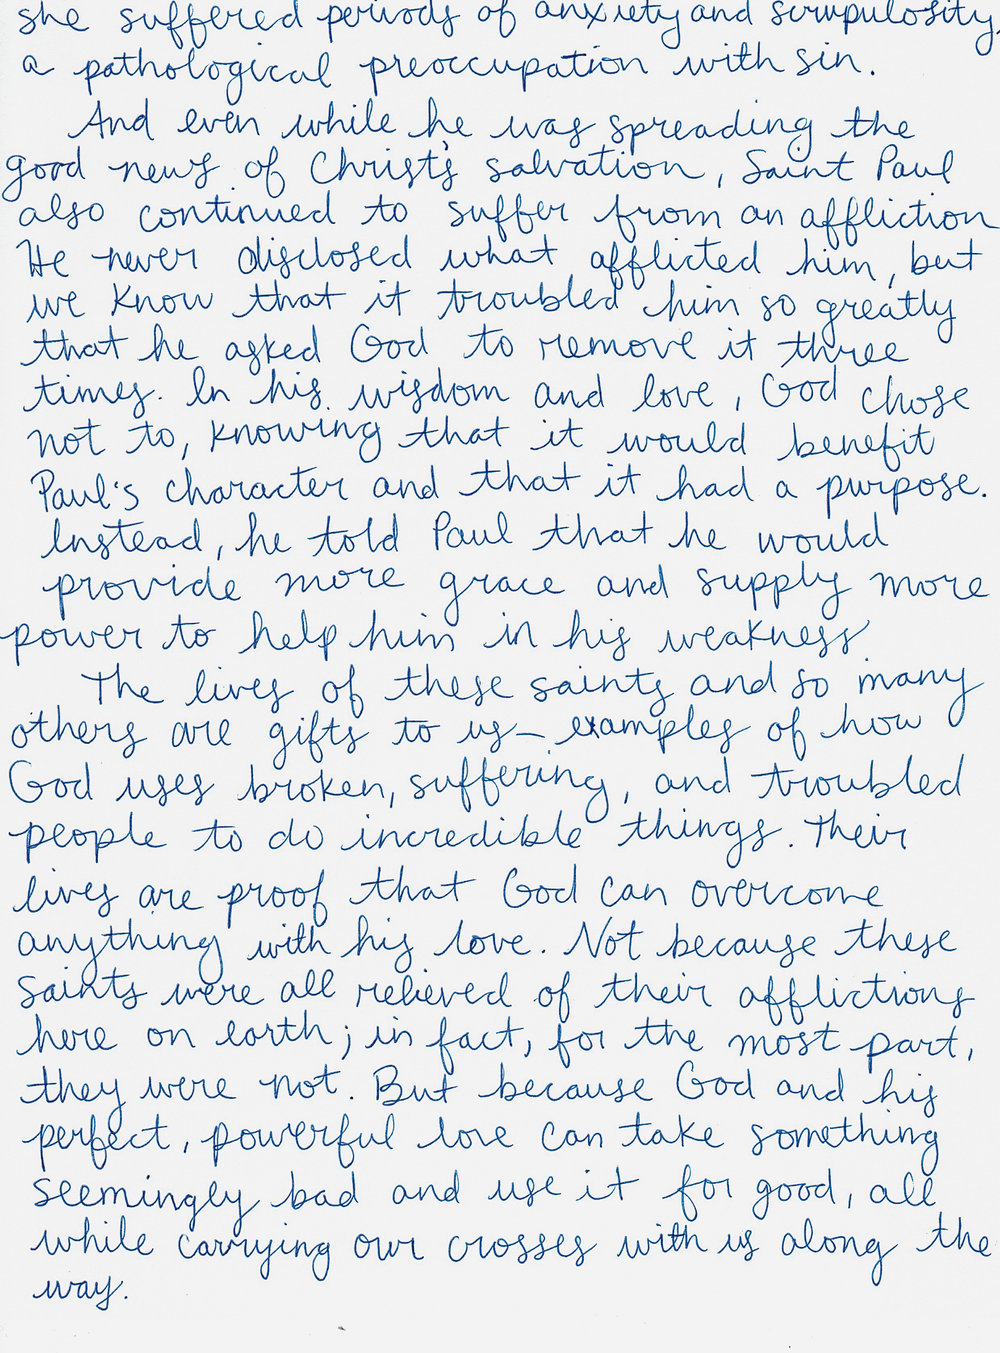 letters-to-women-17.jpg